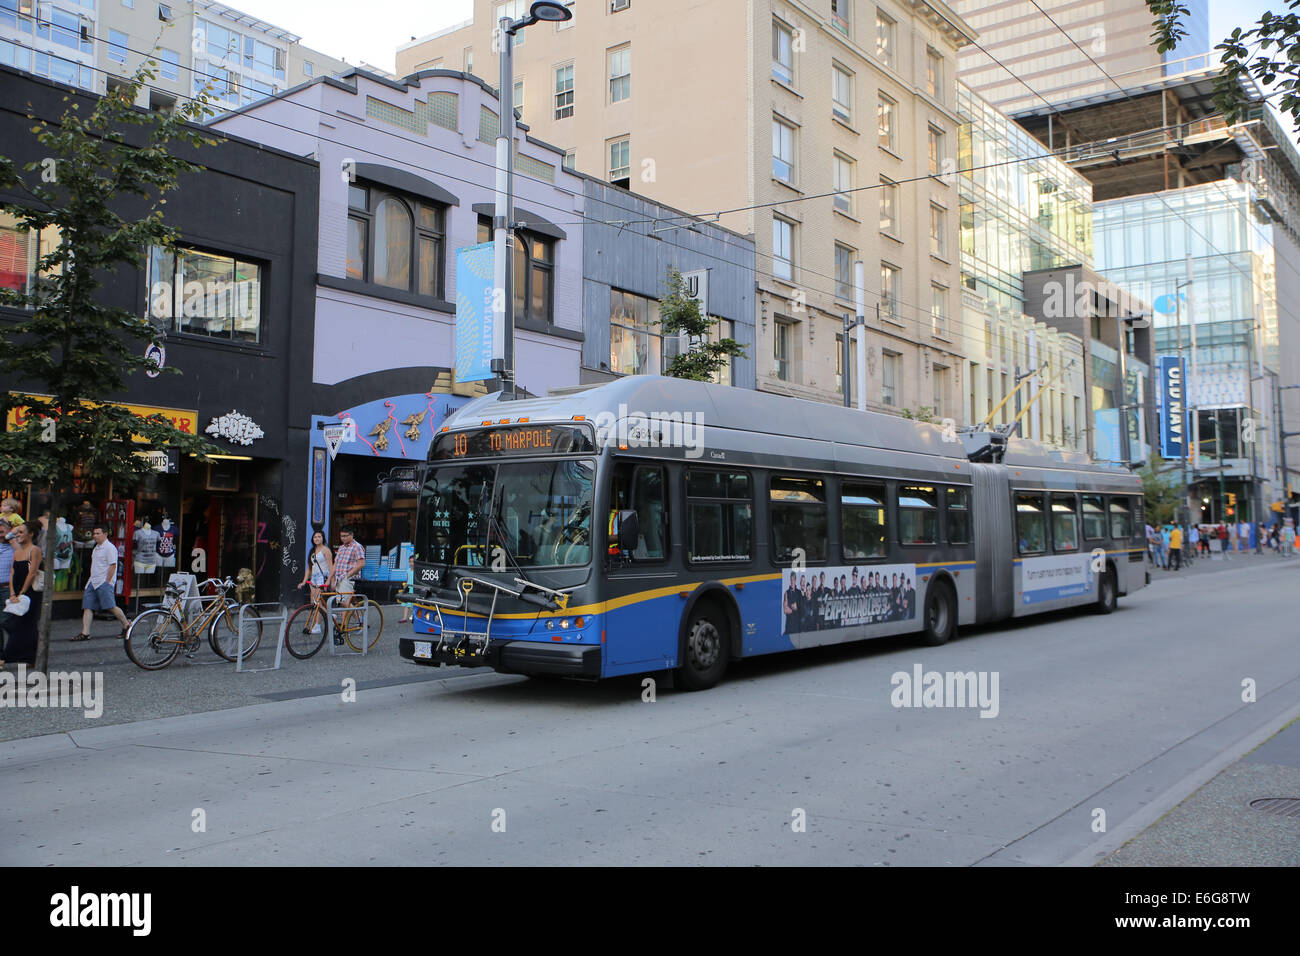 Vancouver public transportation bus - Stock Image